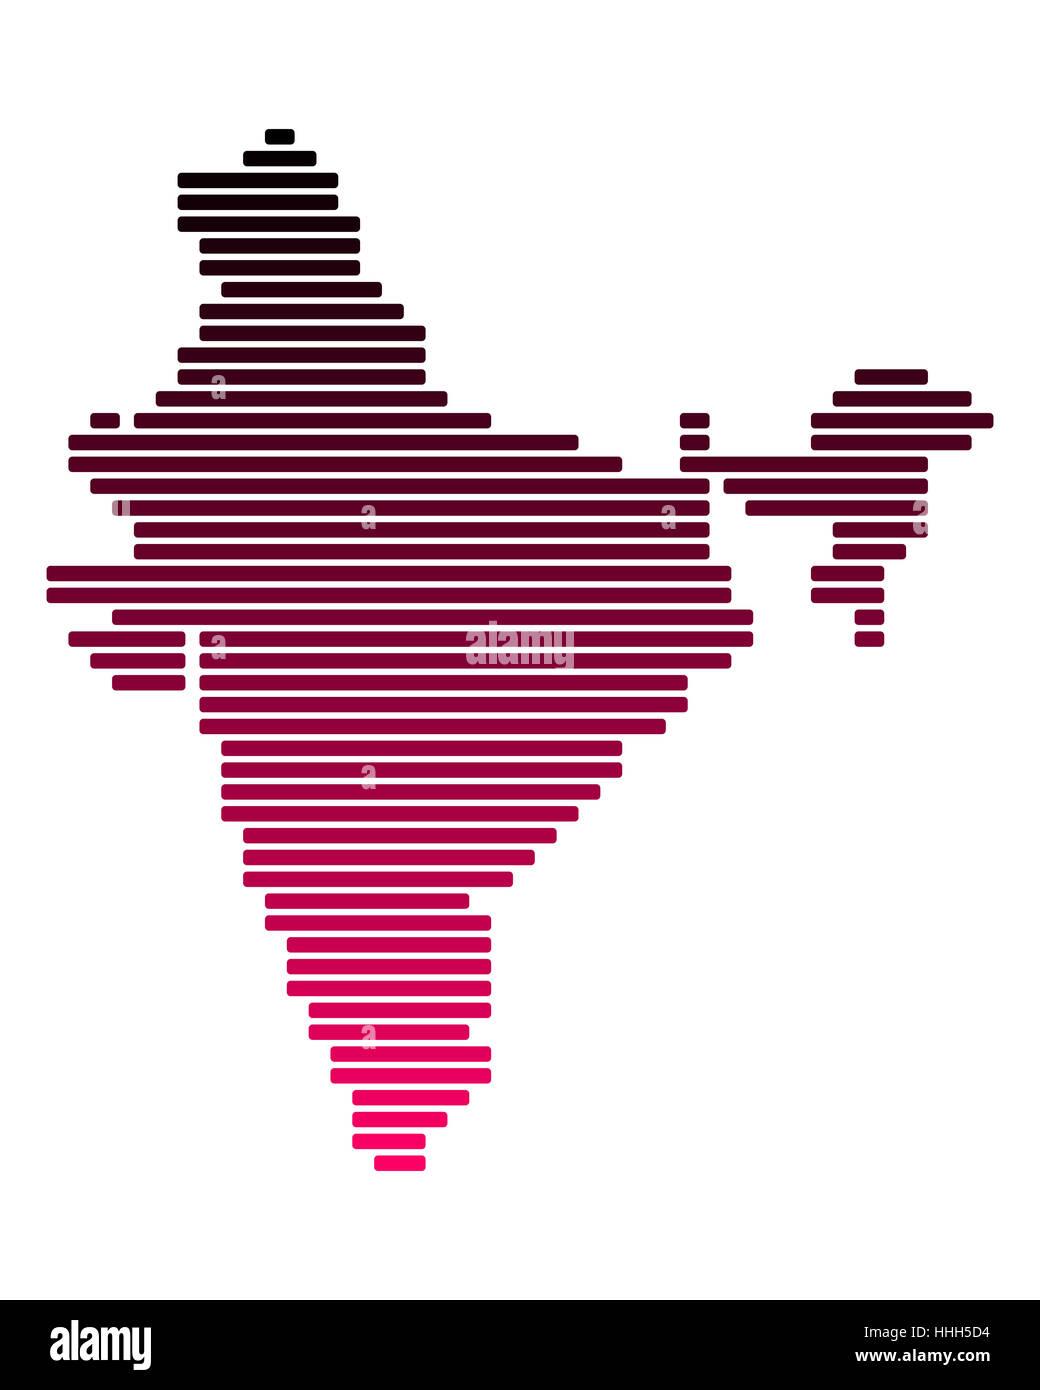 Karte von Indien - Stock Image